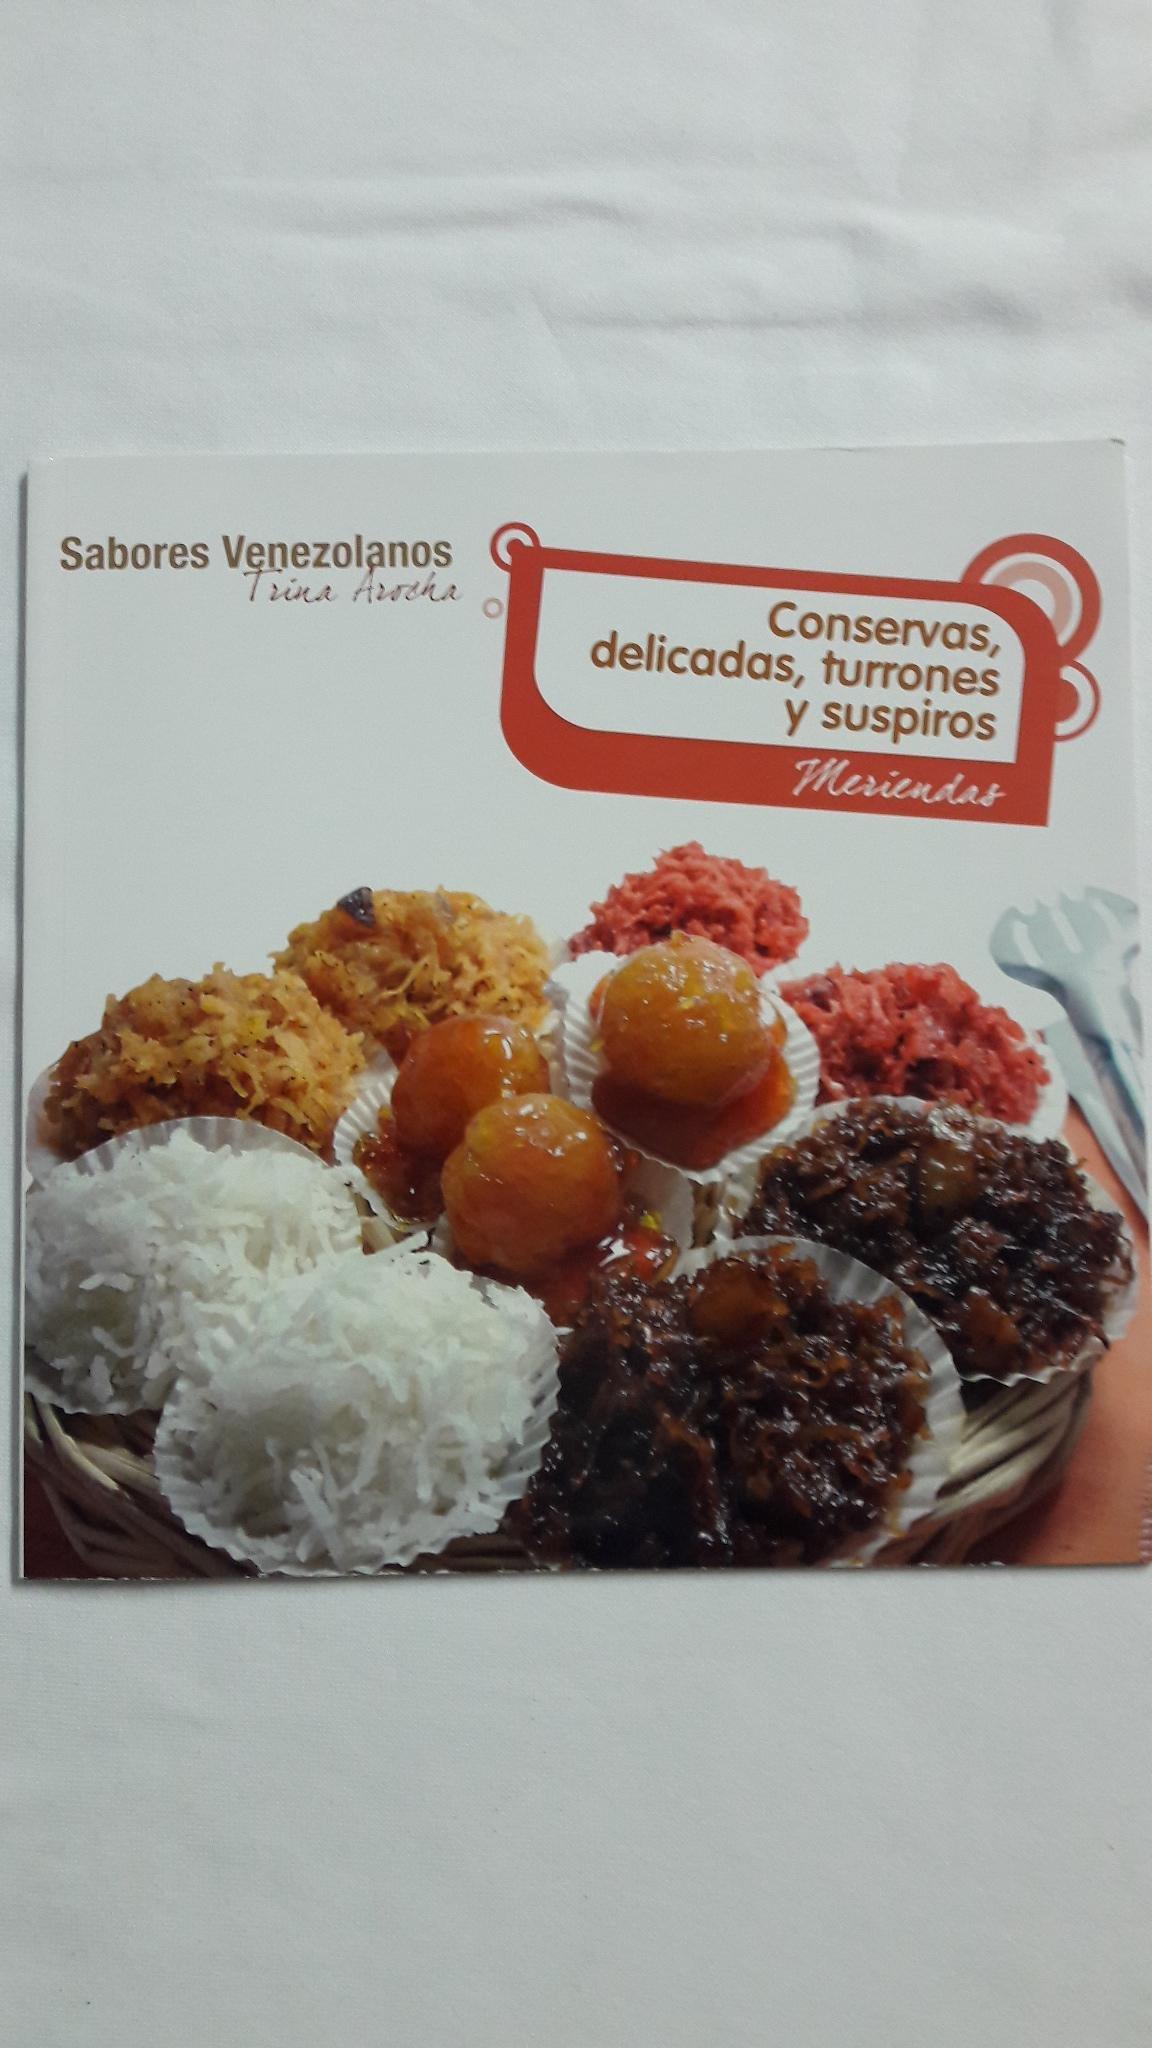 CONSERVAS, DELICADAS, TURRONES Y SUSPIROS: MERIENDAS Paperback – 2011